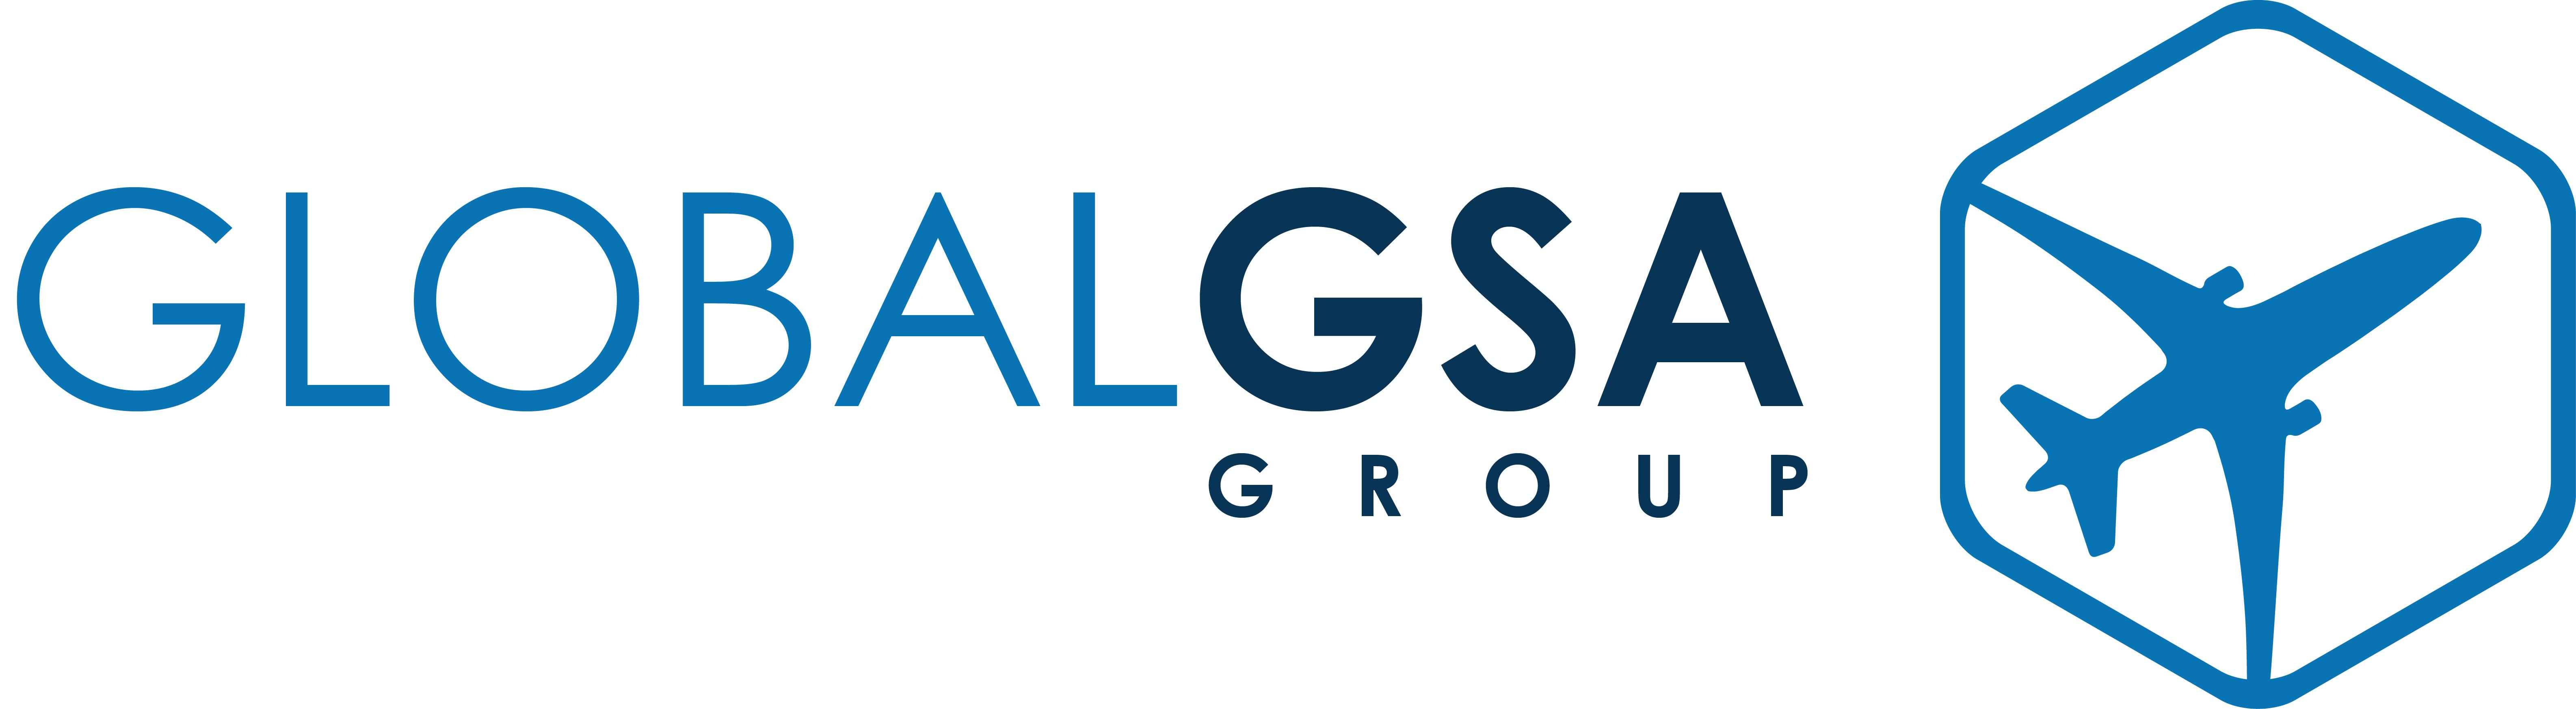 Global GSA Group